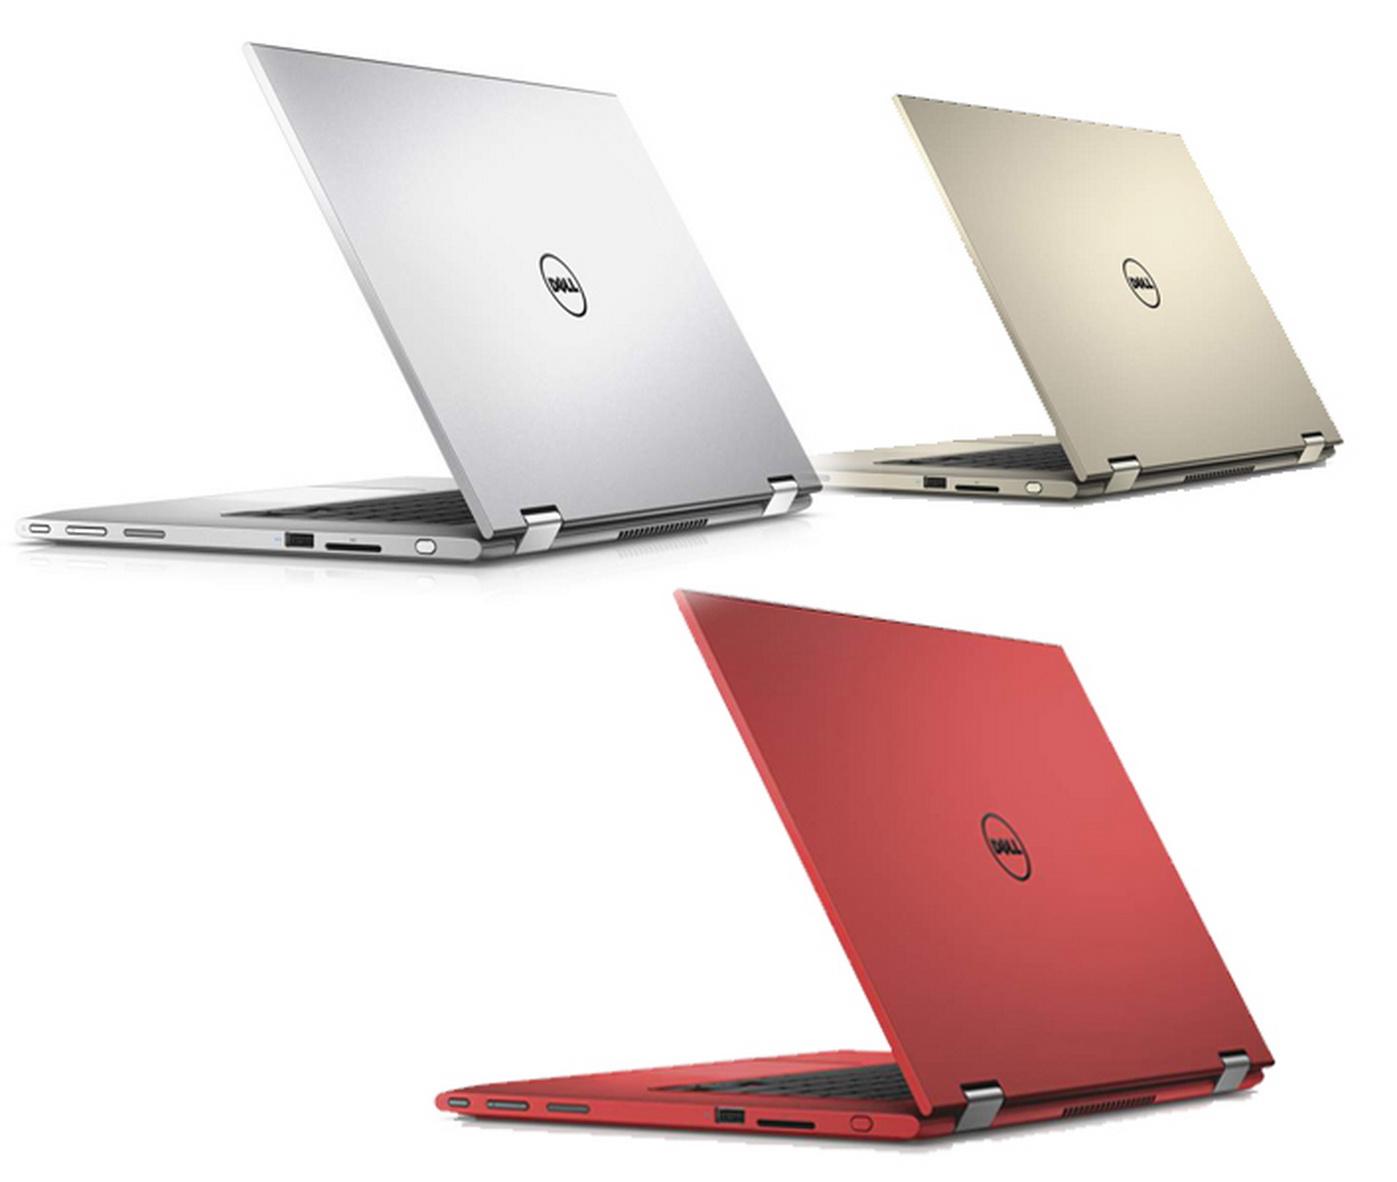 N7359 cho bạn ba tùy chọn màu sắc: xám, vàng đồng và đỏ